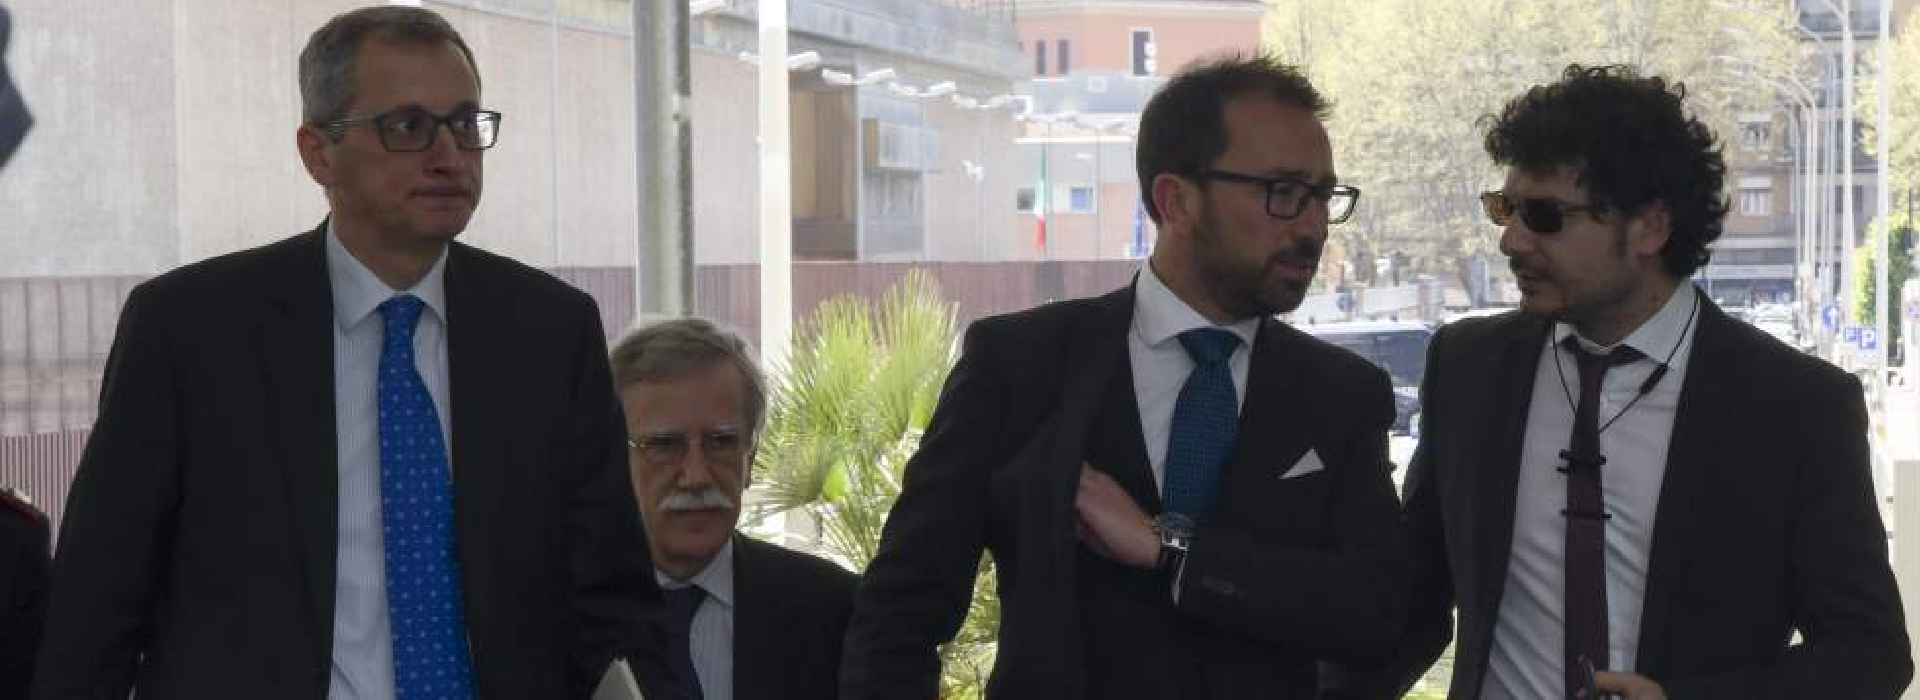 Baldi, braccio destro di Bonafede, si dimette: prometteva posti su segnalazione di Palamara